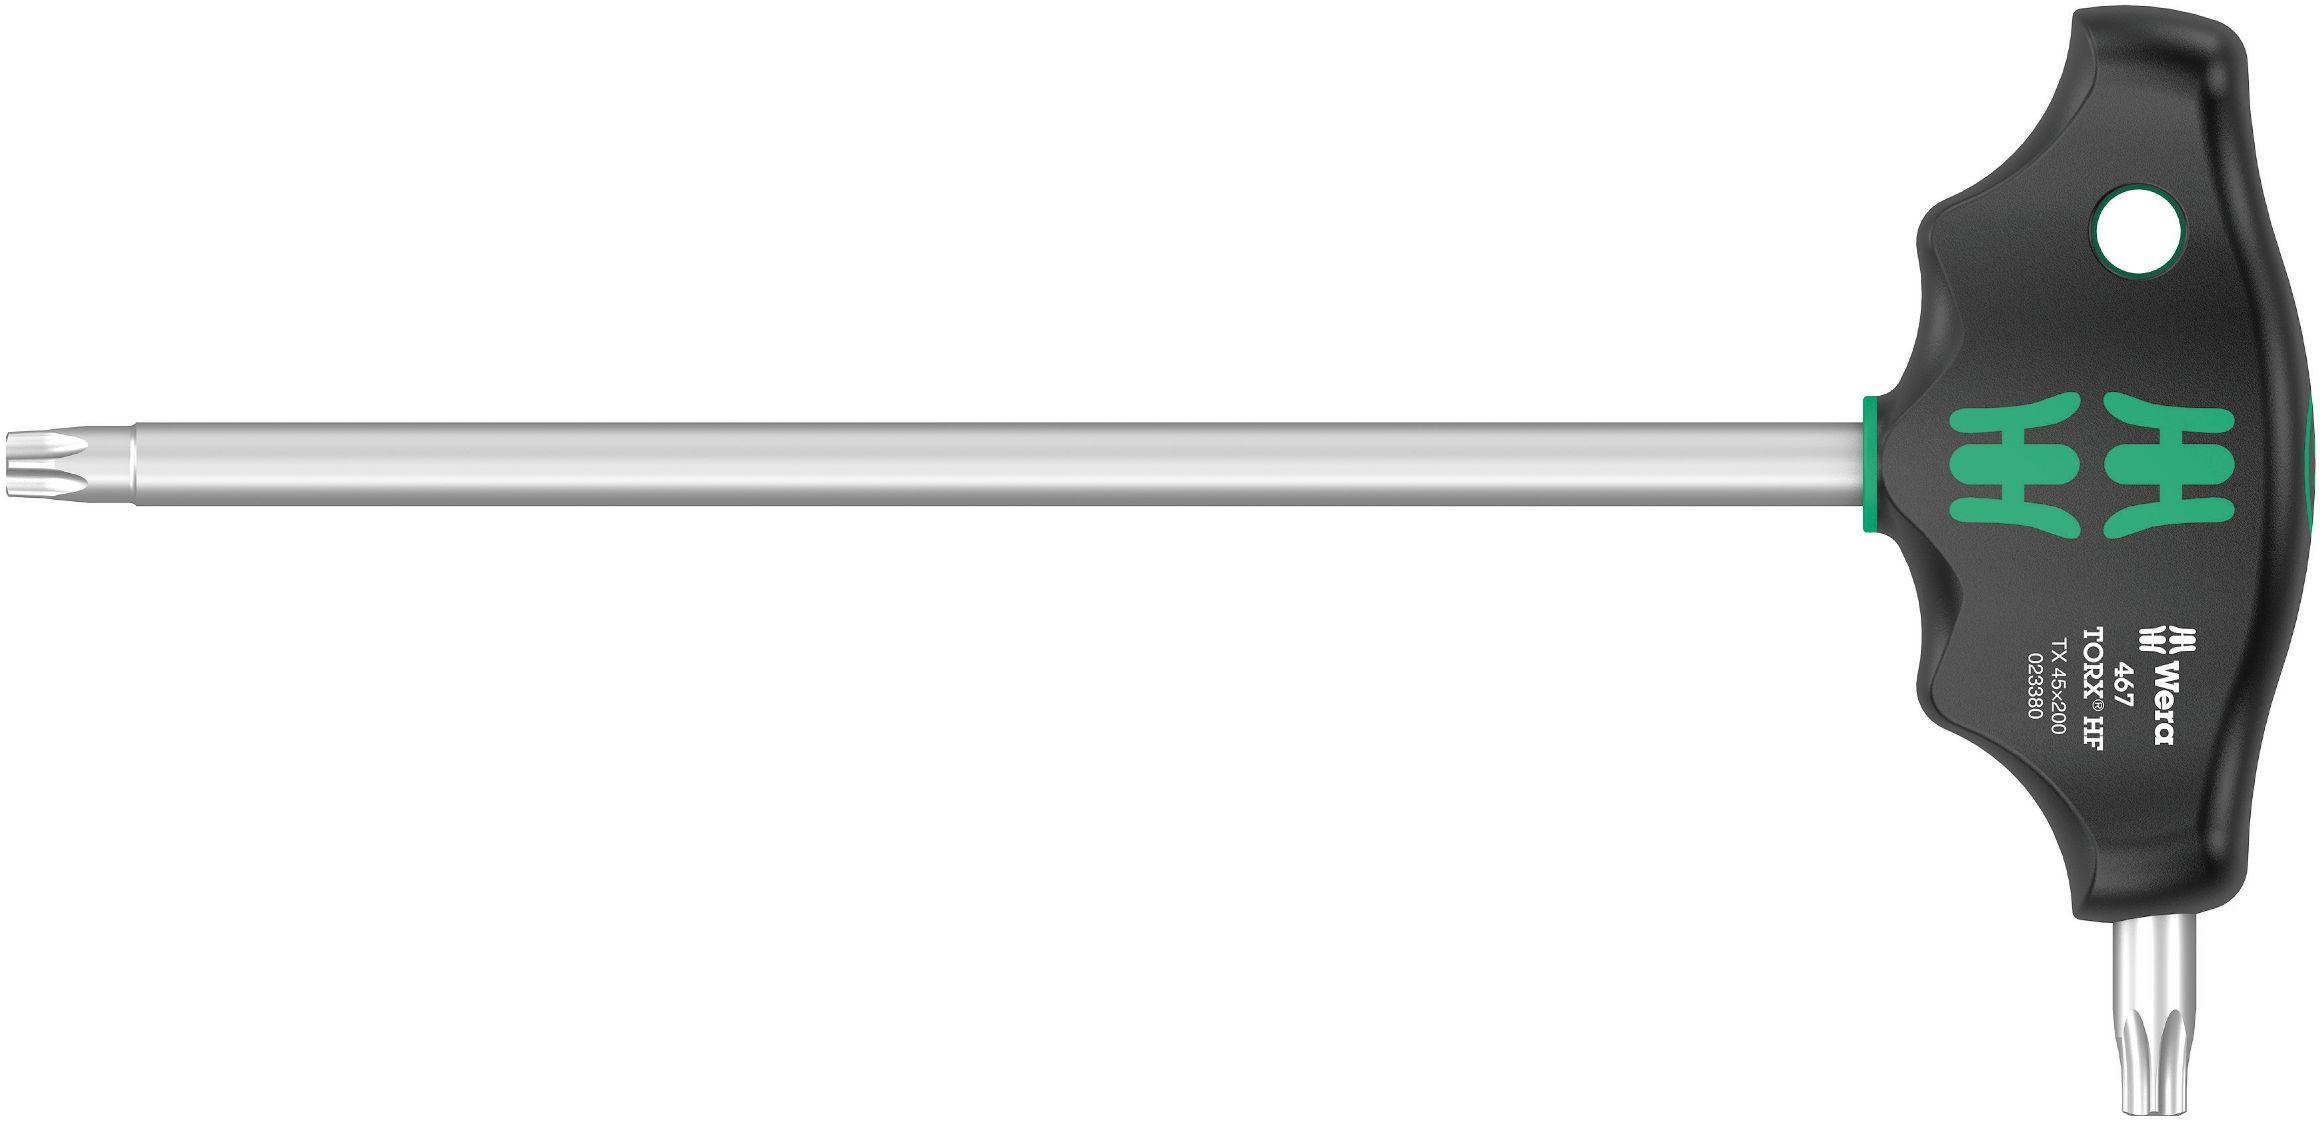 WERA 467 TORX® HF T-greep-schroevendraaier met vasthoudfunctie